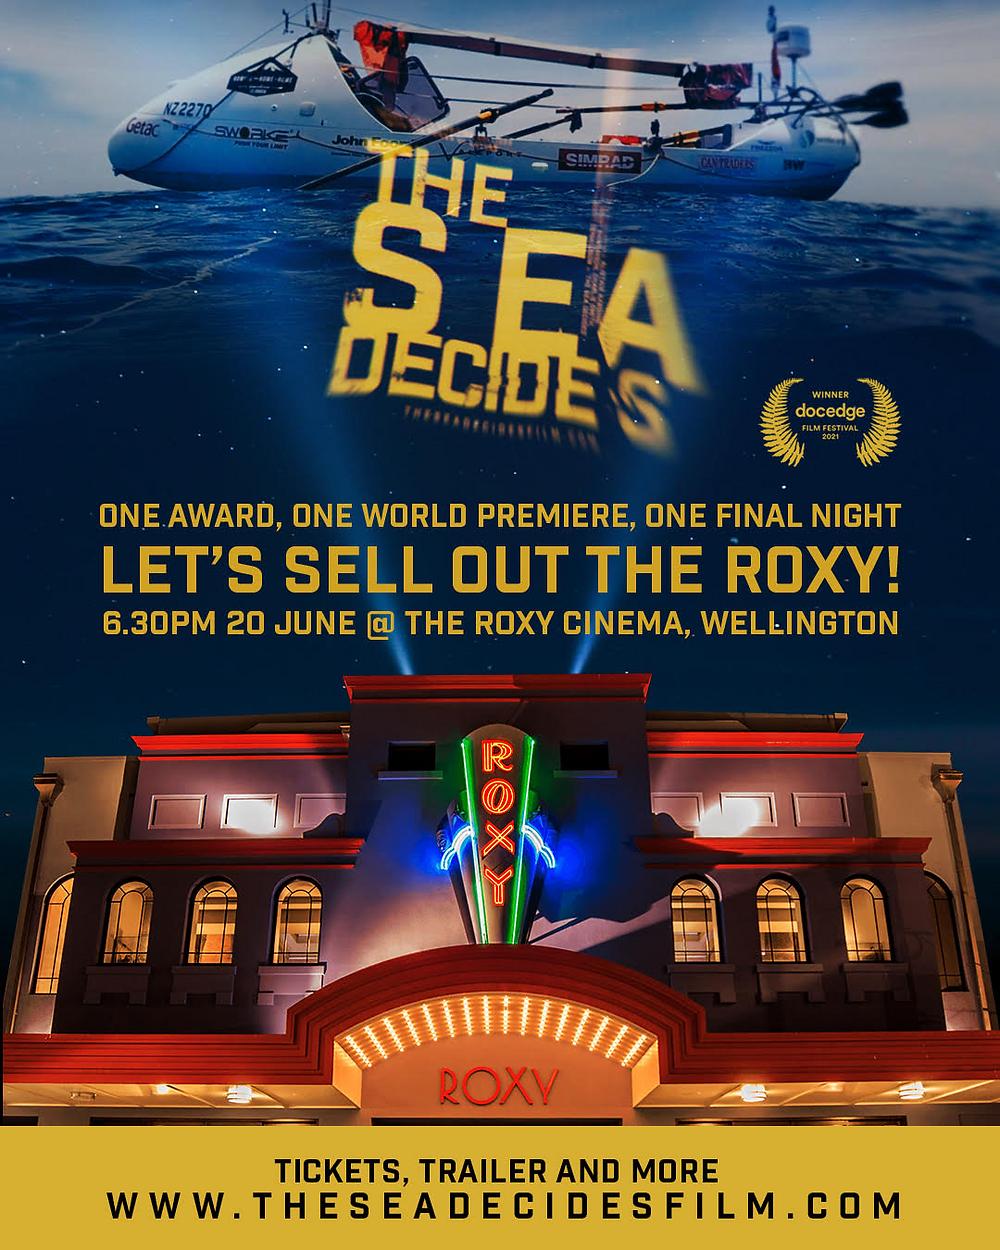 the sea decides